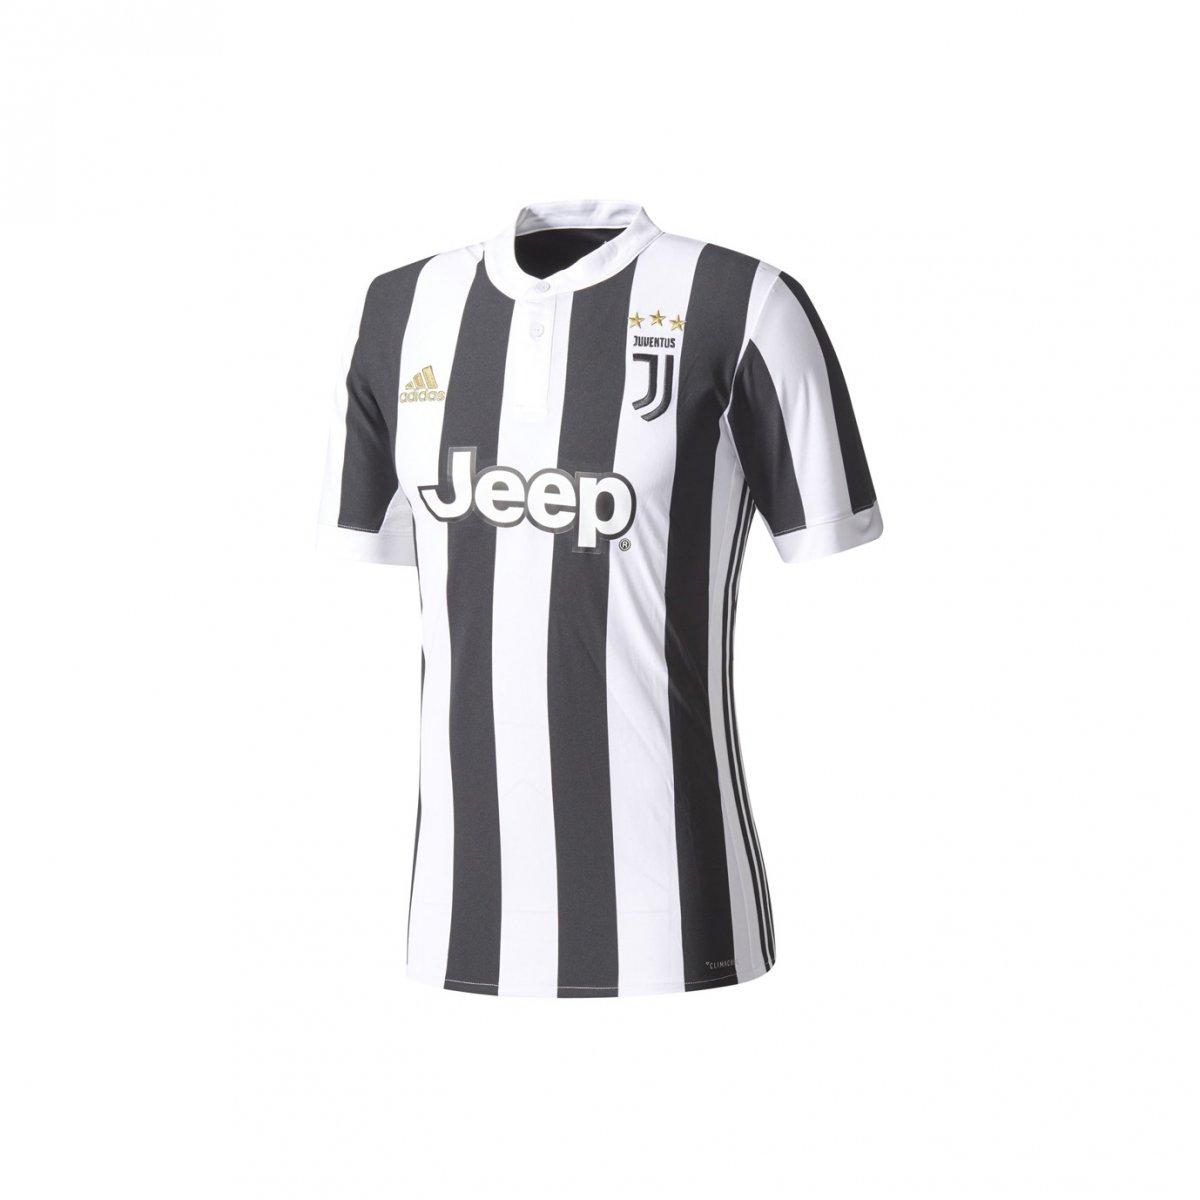 68638f2c7 Passe o mouse para ver detalhes. Amplie a imagem. Camiseta Adidas Infantil  Juventus ...